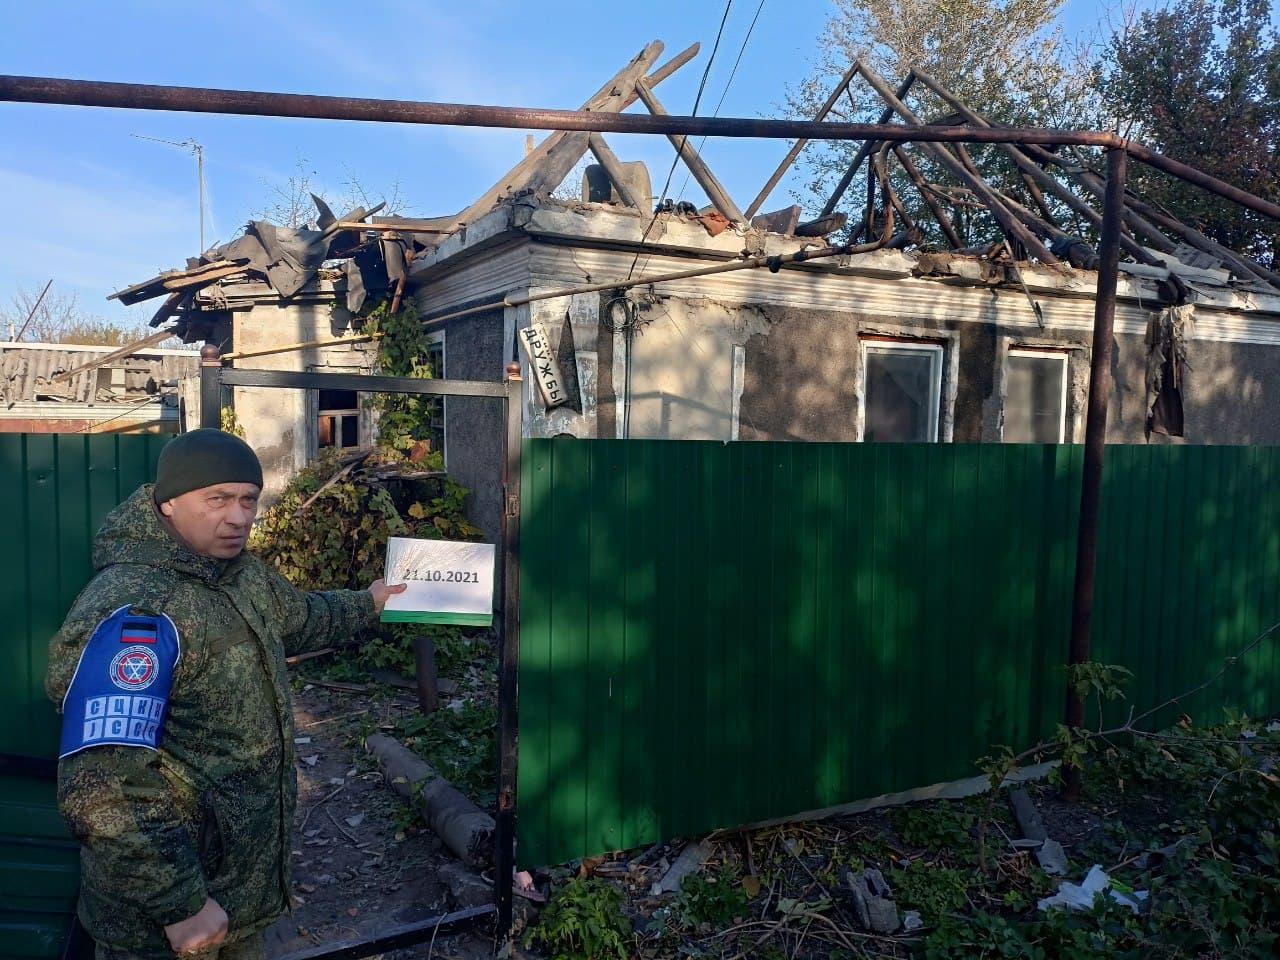 В Донецке в результате обстрела пострадали девушка и ребенок - СЦКК